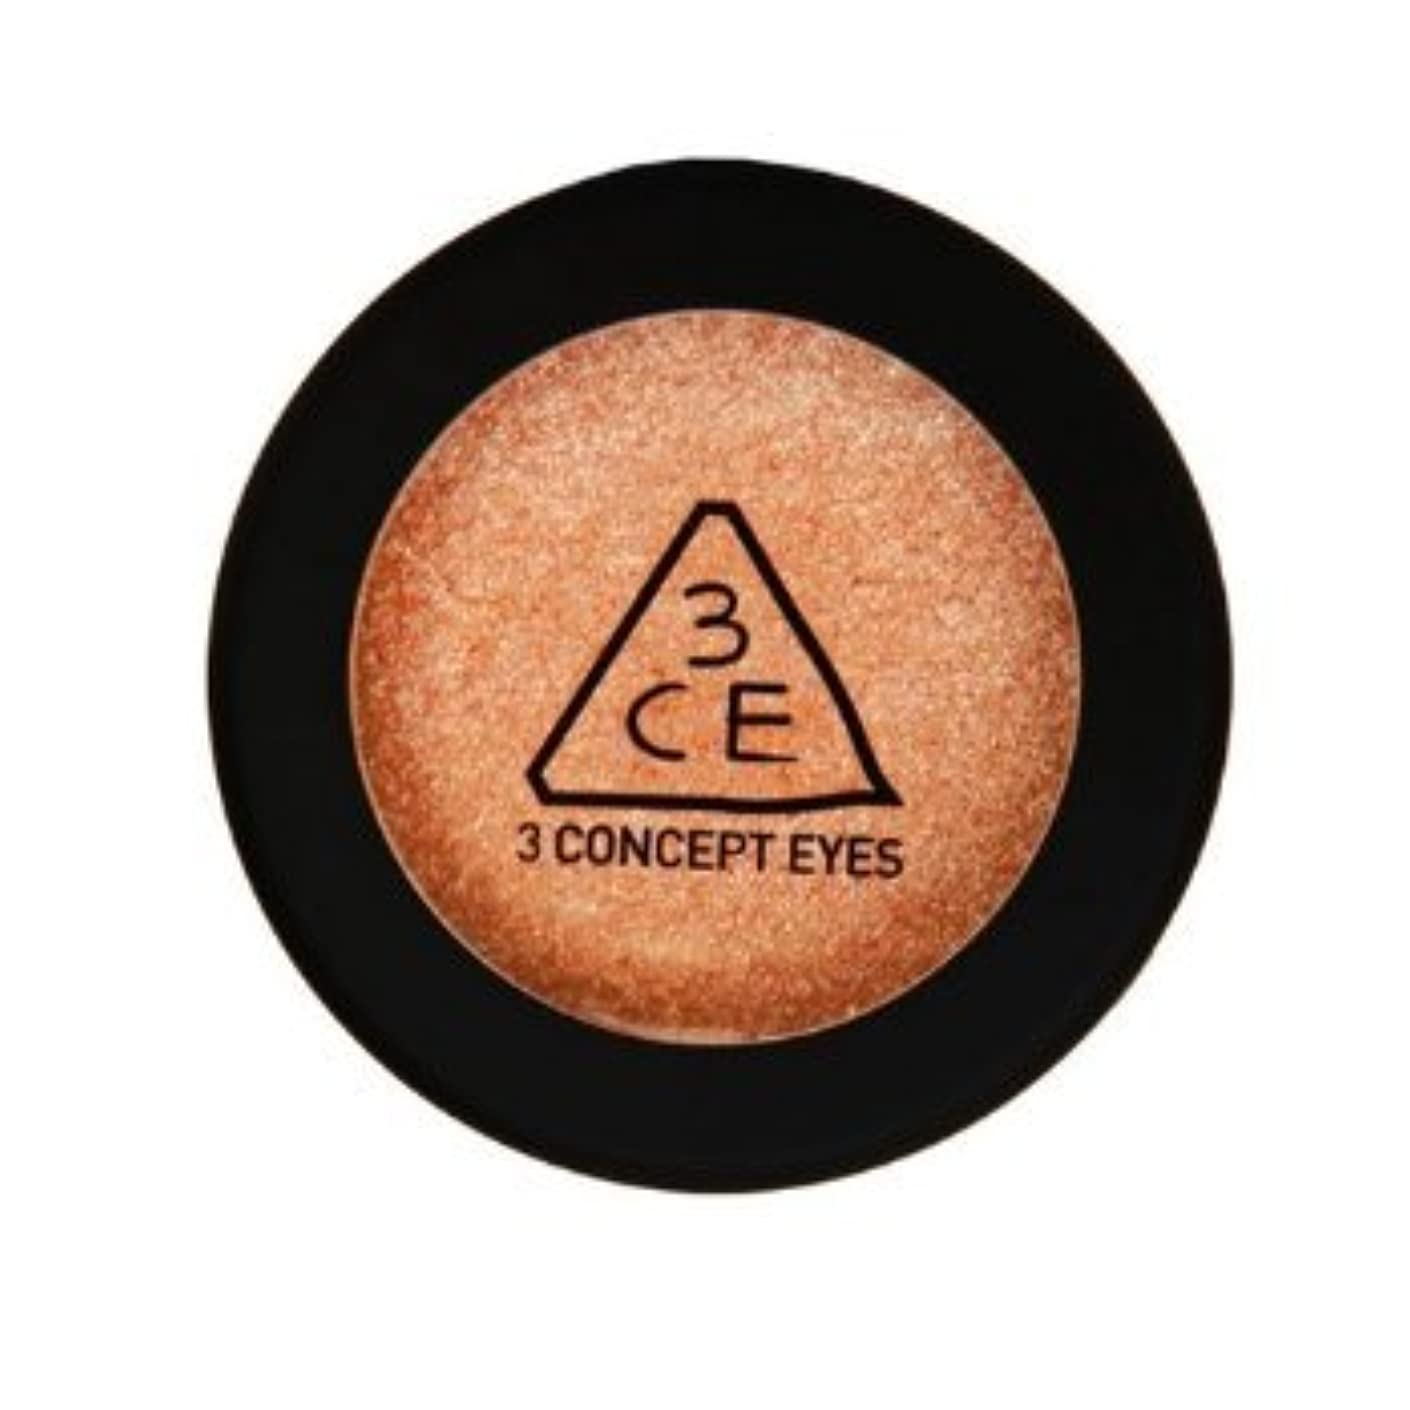 く採用気をつけて3 Concept Eyes - One Color Shadow - Sparkling Star seed